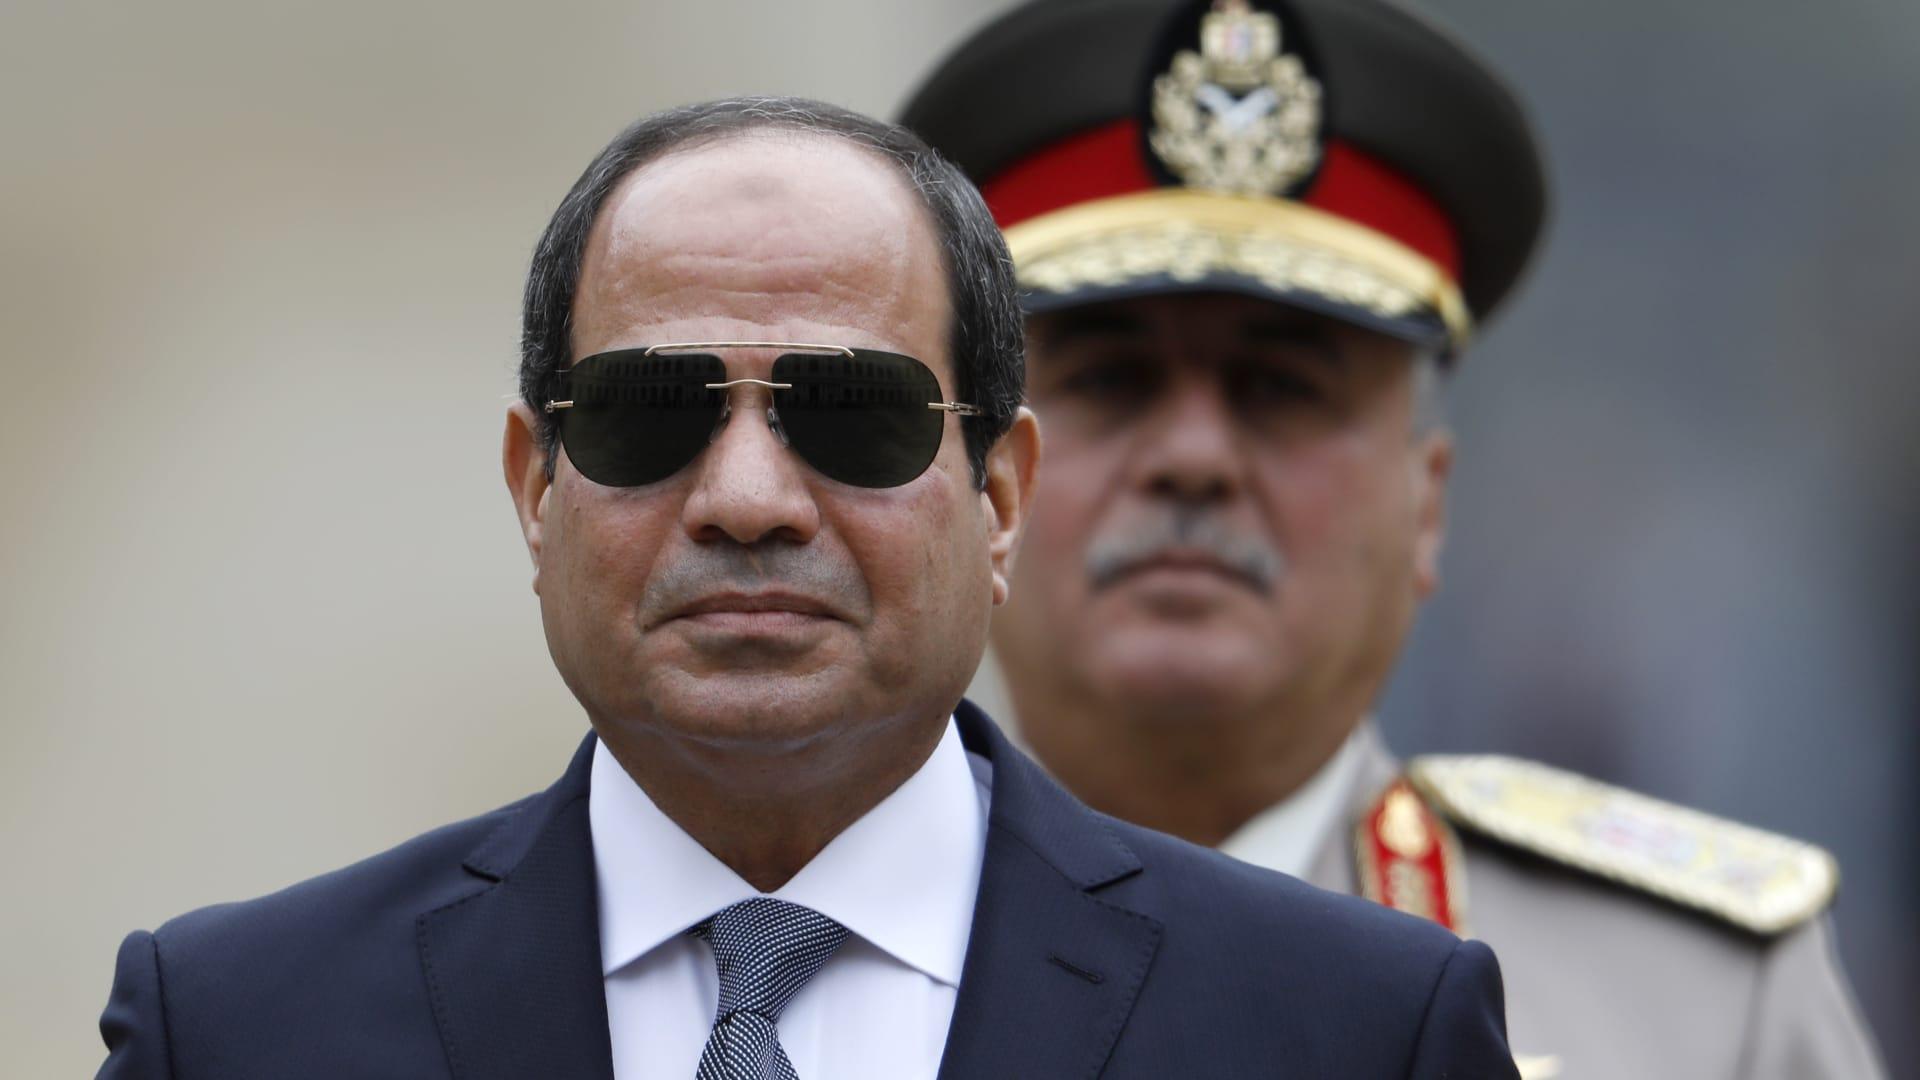 """السيسي يأمر الجيش باستعادة الأمن بسيناء واستخدام """"كل القوة الغاشمة"""""""